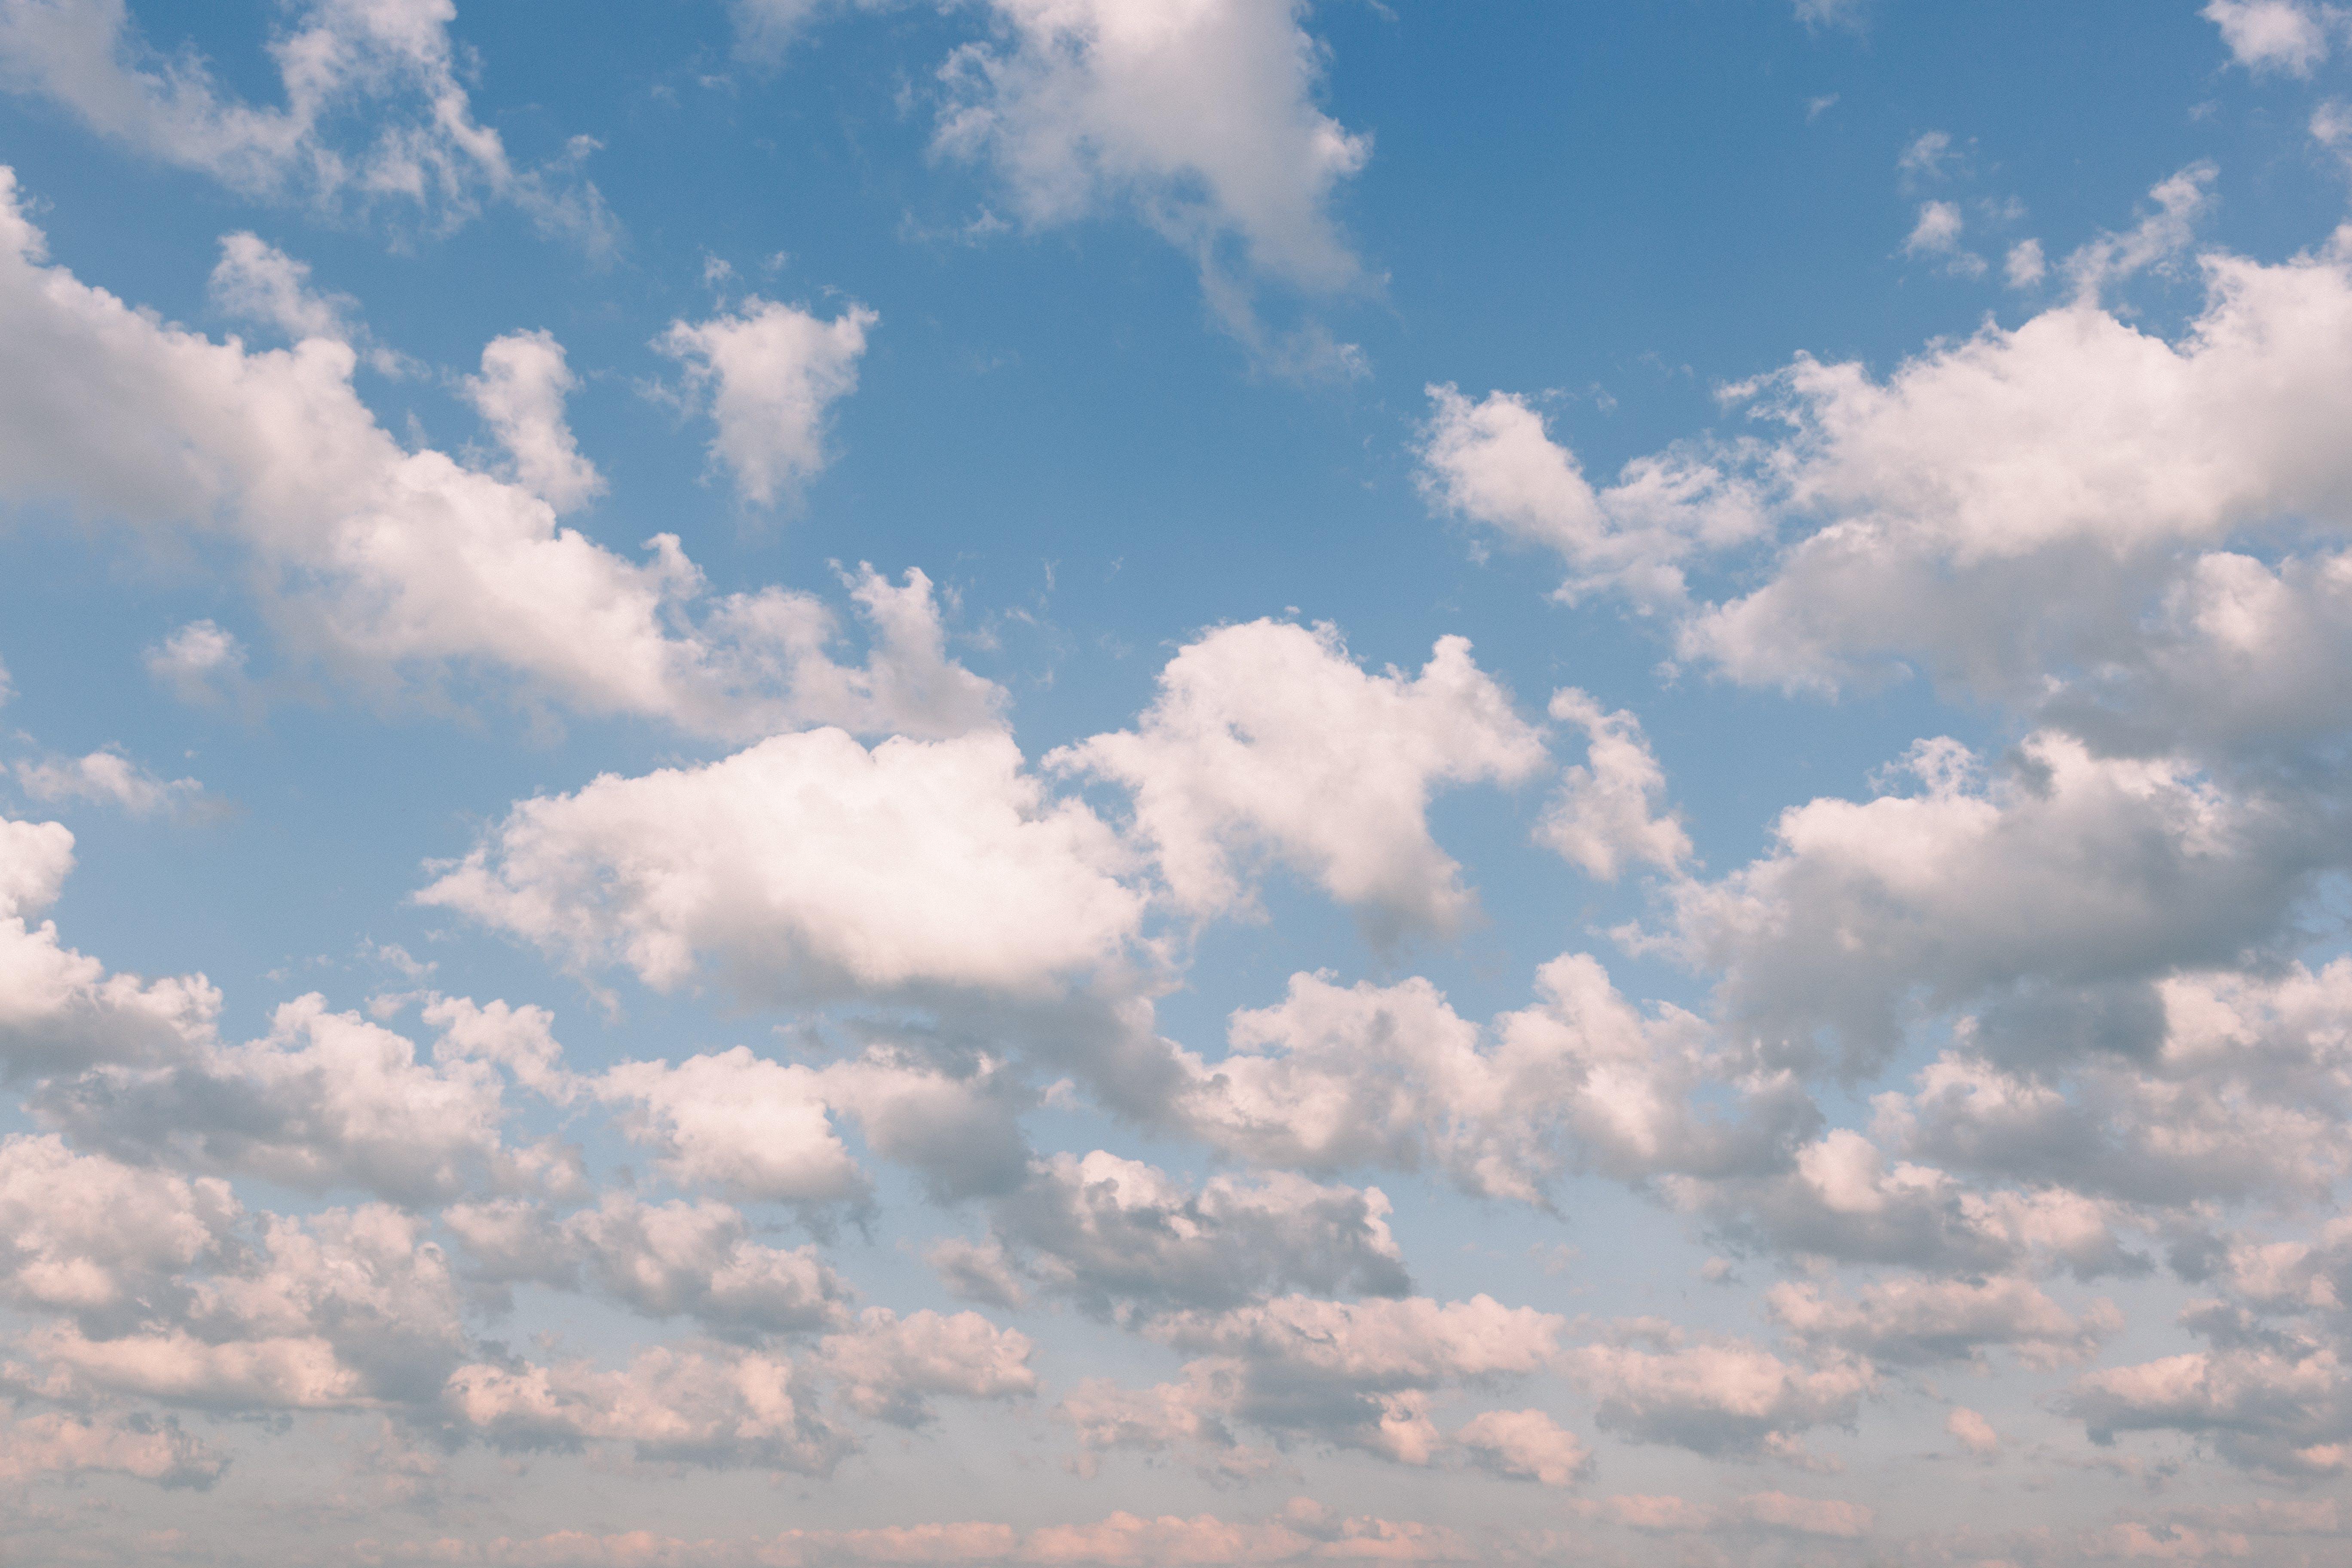 Kostnadsfri bild av blå himmel, clouds, himmel, moln